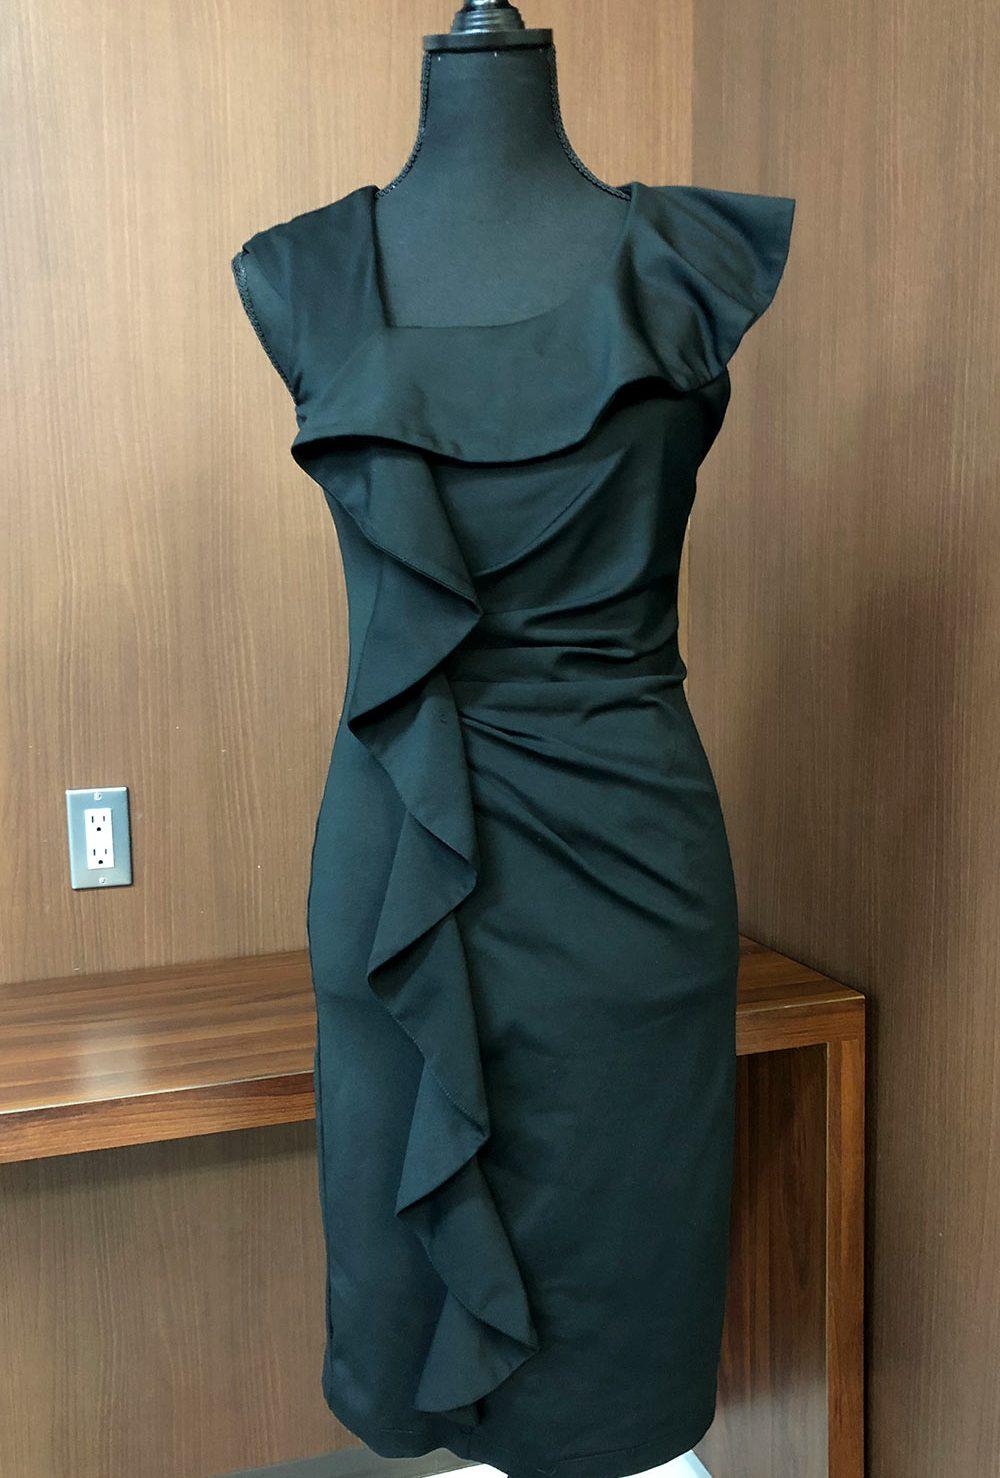 大胆なフリル使いで魅せるブラックのドレス